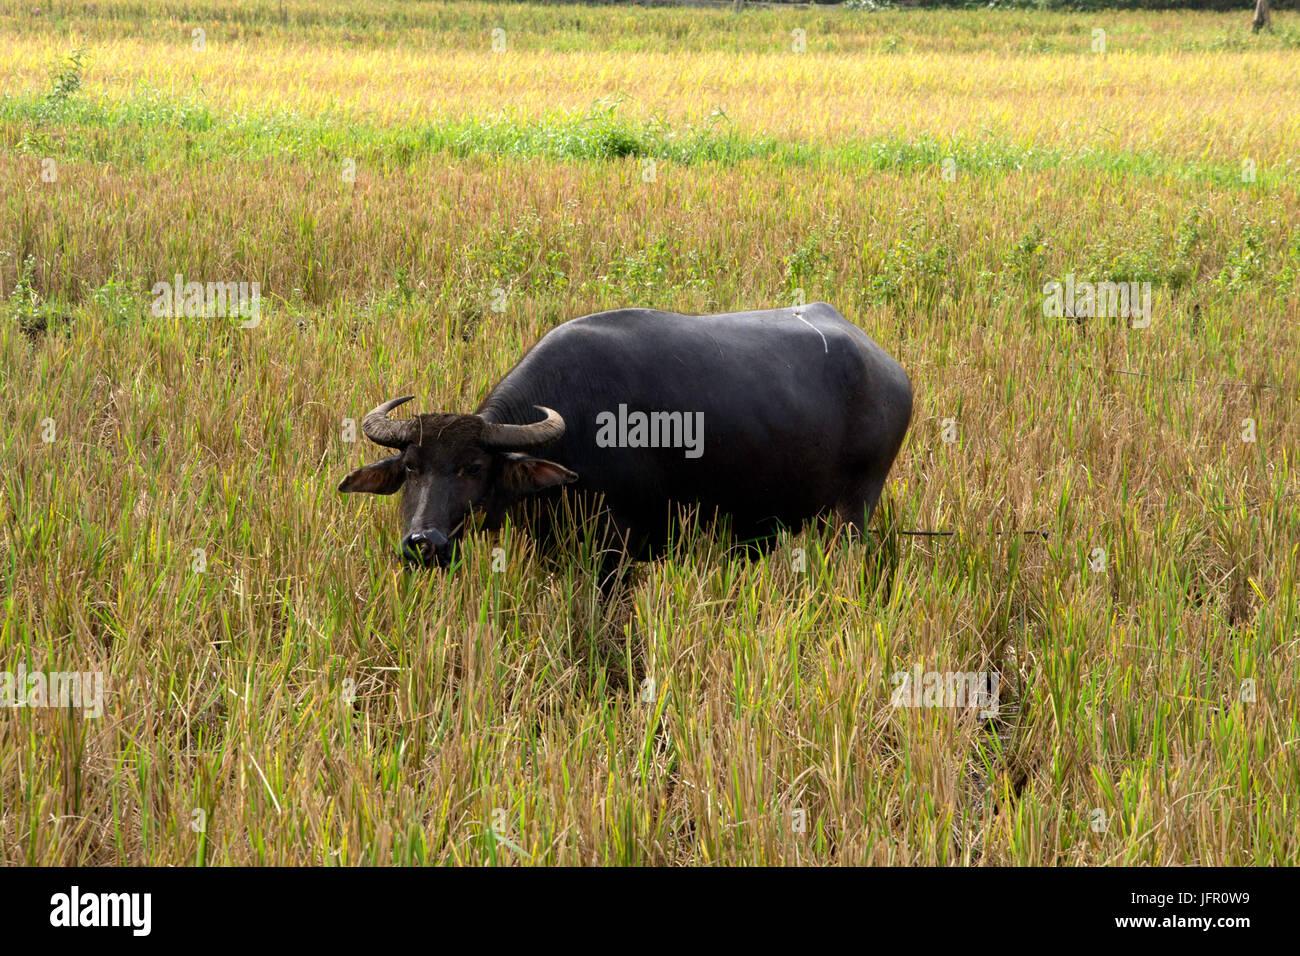 Philippine bufalo d'acqua, noto come carabao, Bubalus bubalis, in una risaia campo, Isola di Bohol, Filippine Immagini Stock